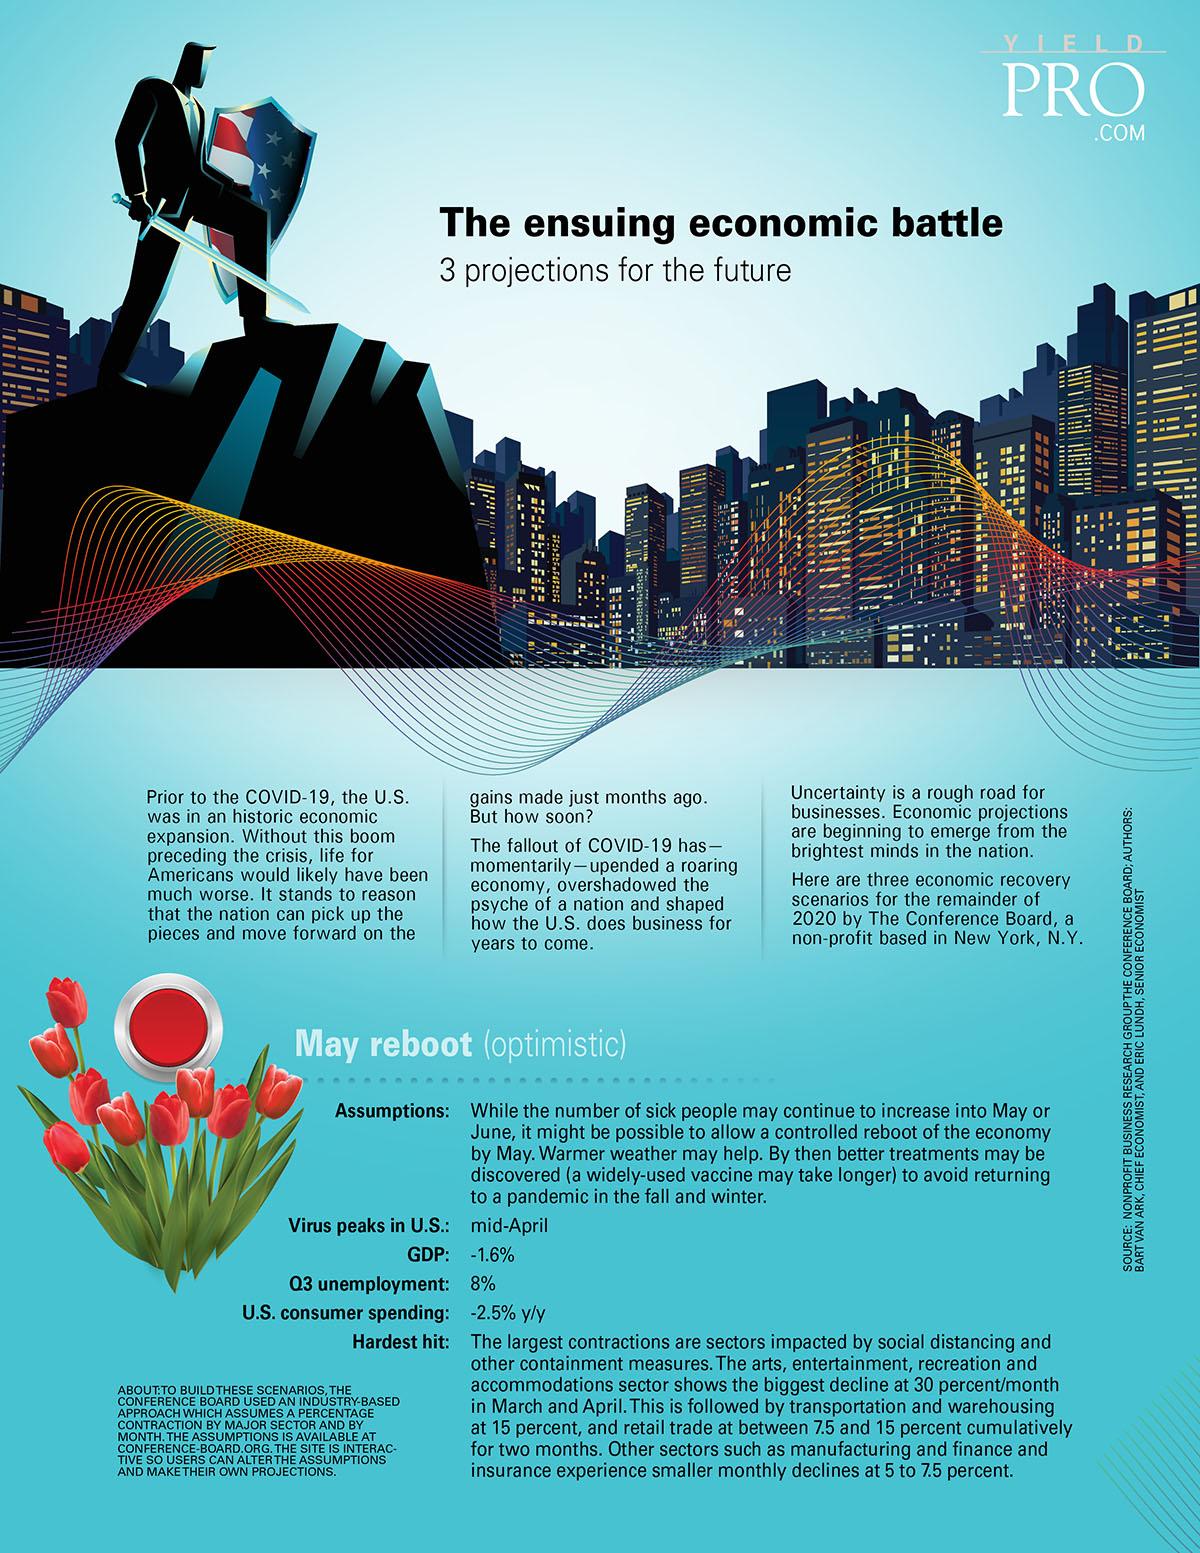 Infographic: The ensuing economic battle part 1